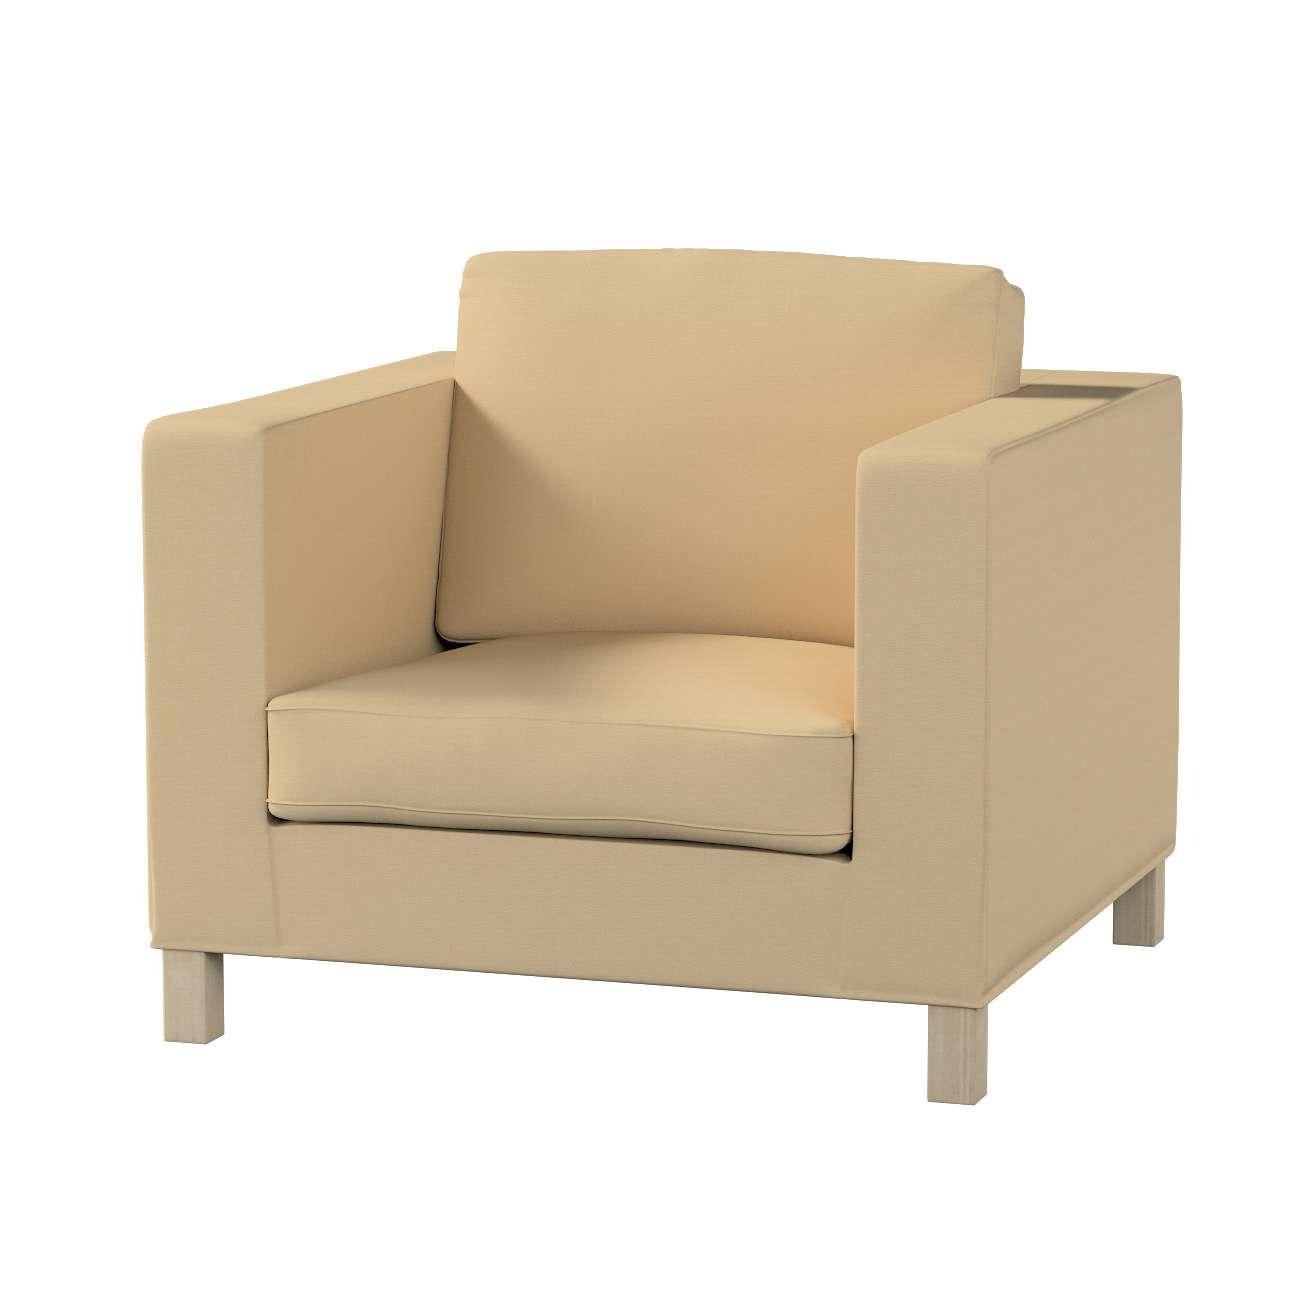 Pokrowiec na fotel Karlanda, krótki fotel Karlanda w kolekcji Cotton Panama, tkanina: 702-01